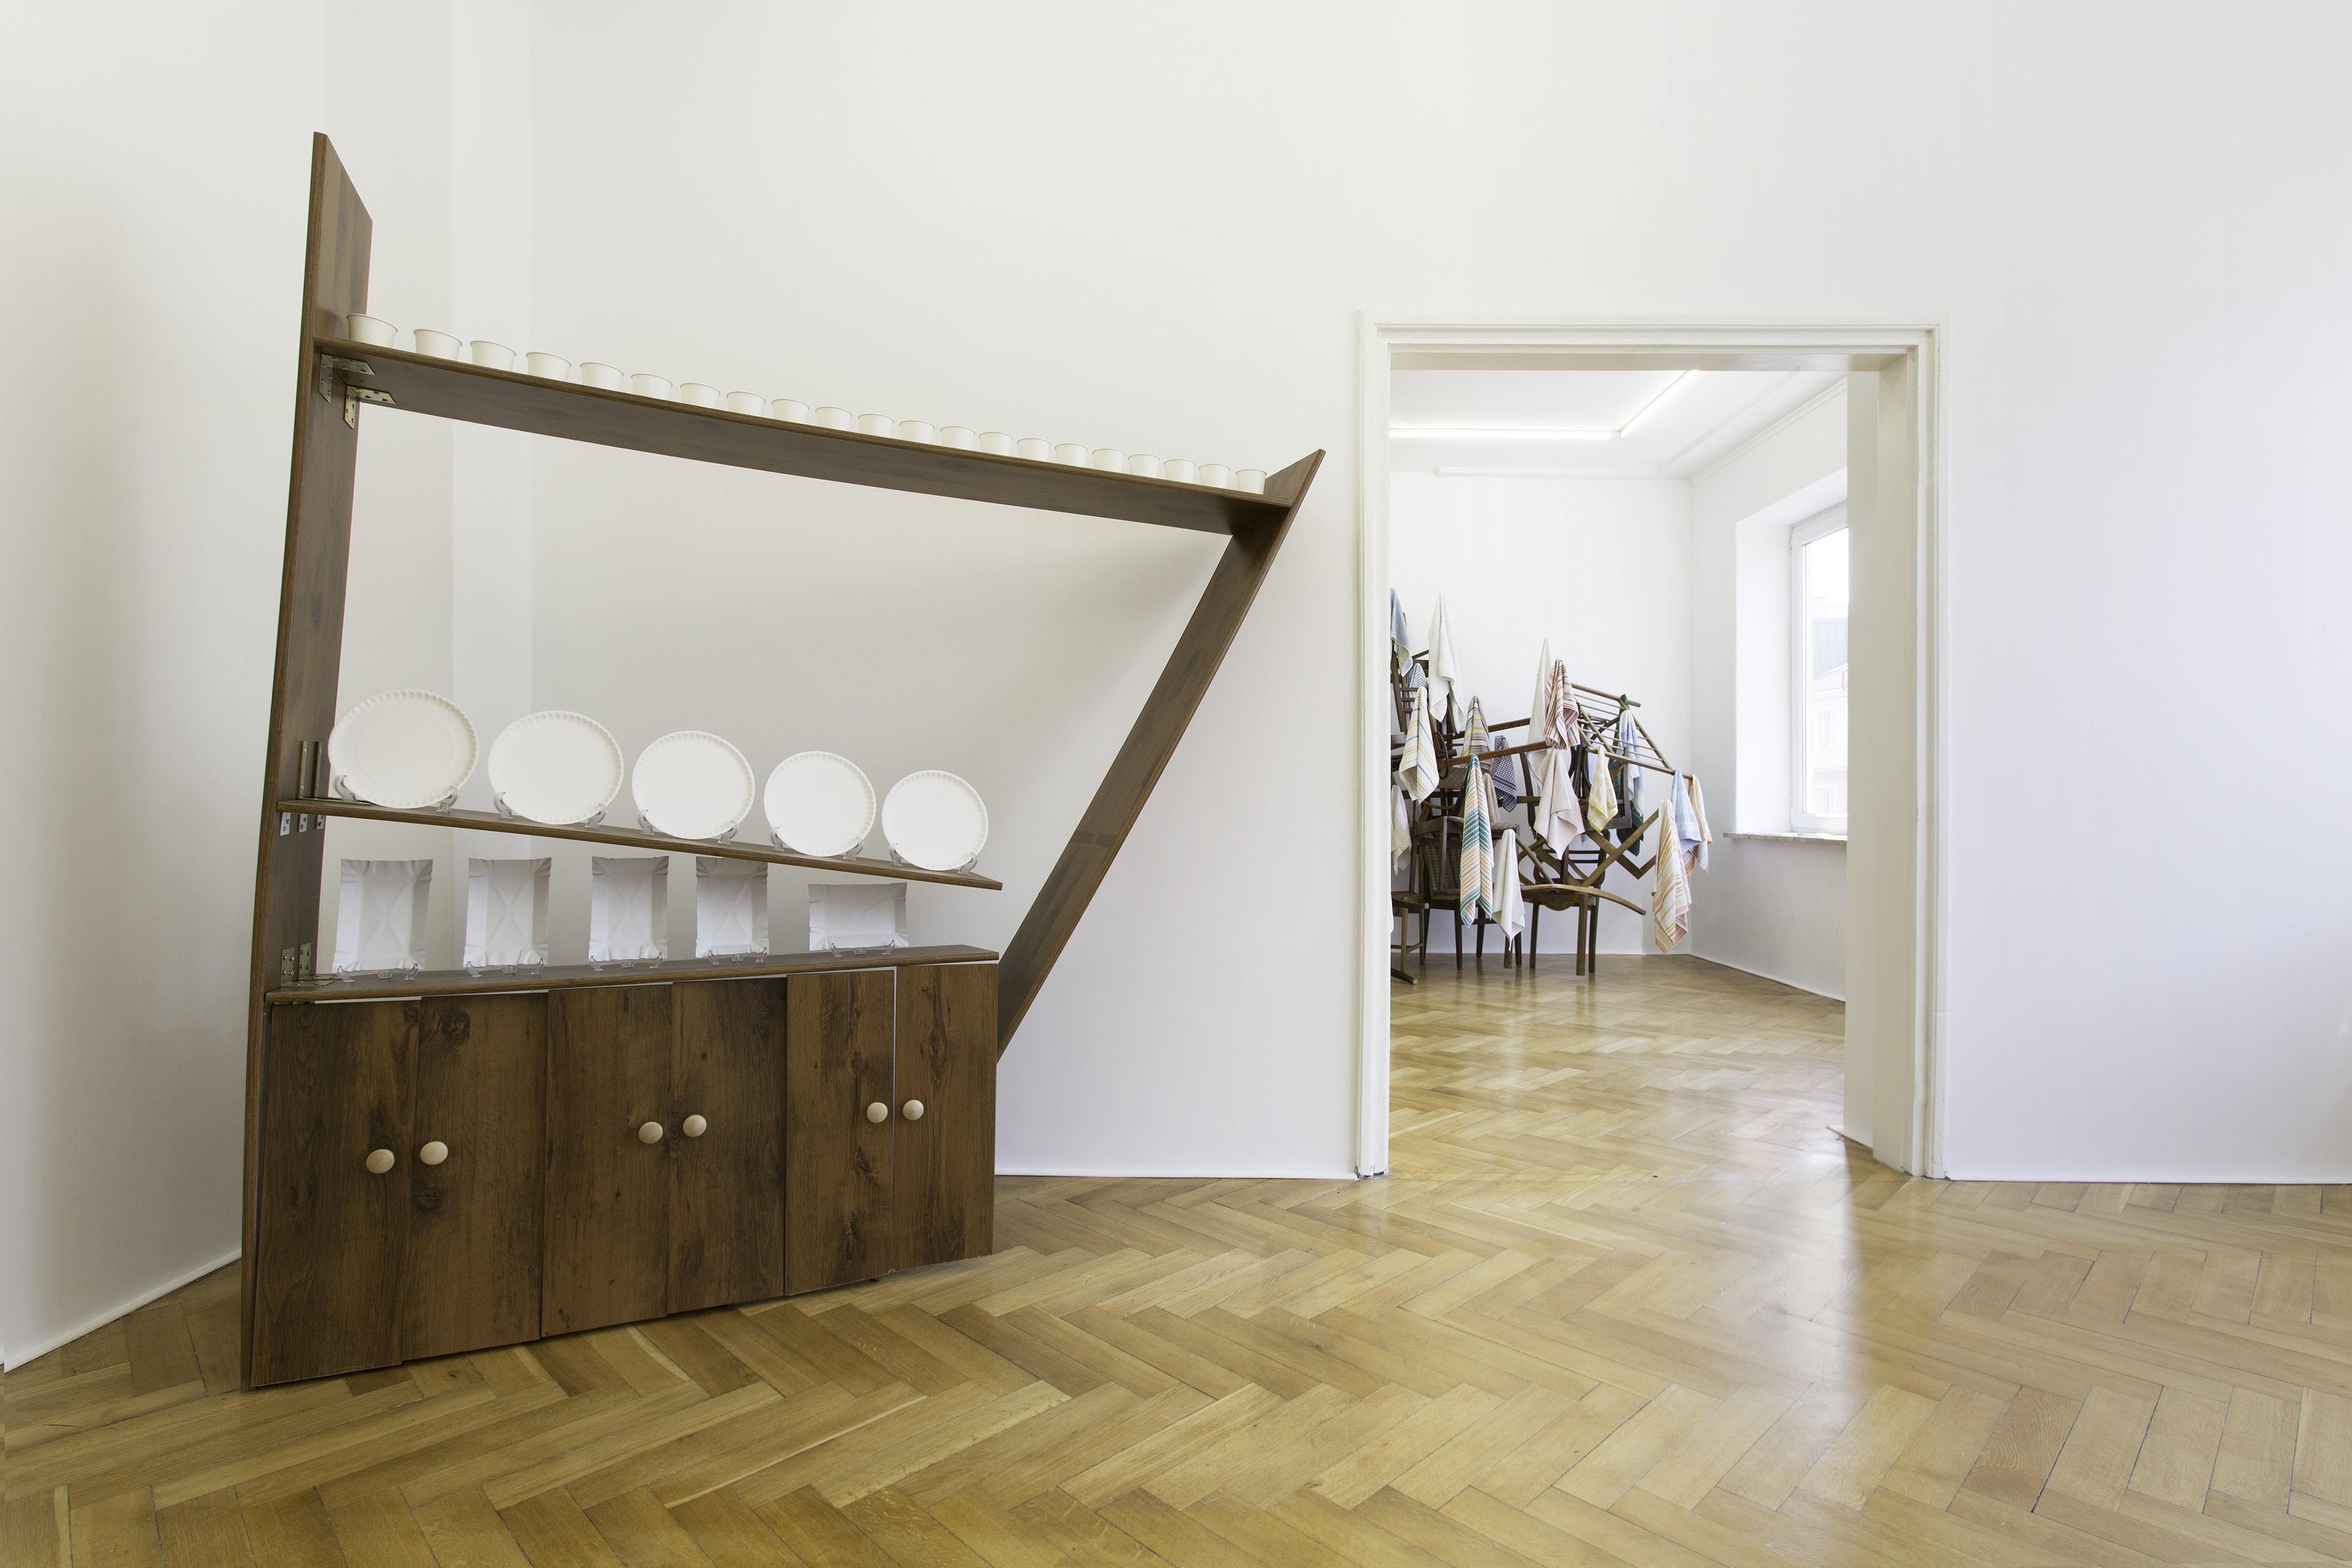 Noriyo Yoshida, Unfunctional comfort, widok nawystawę, galeria Kohana